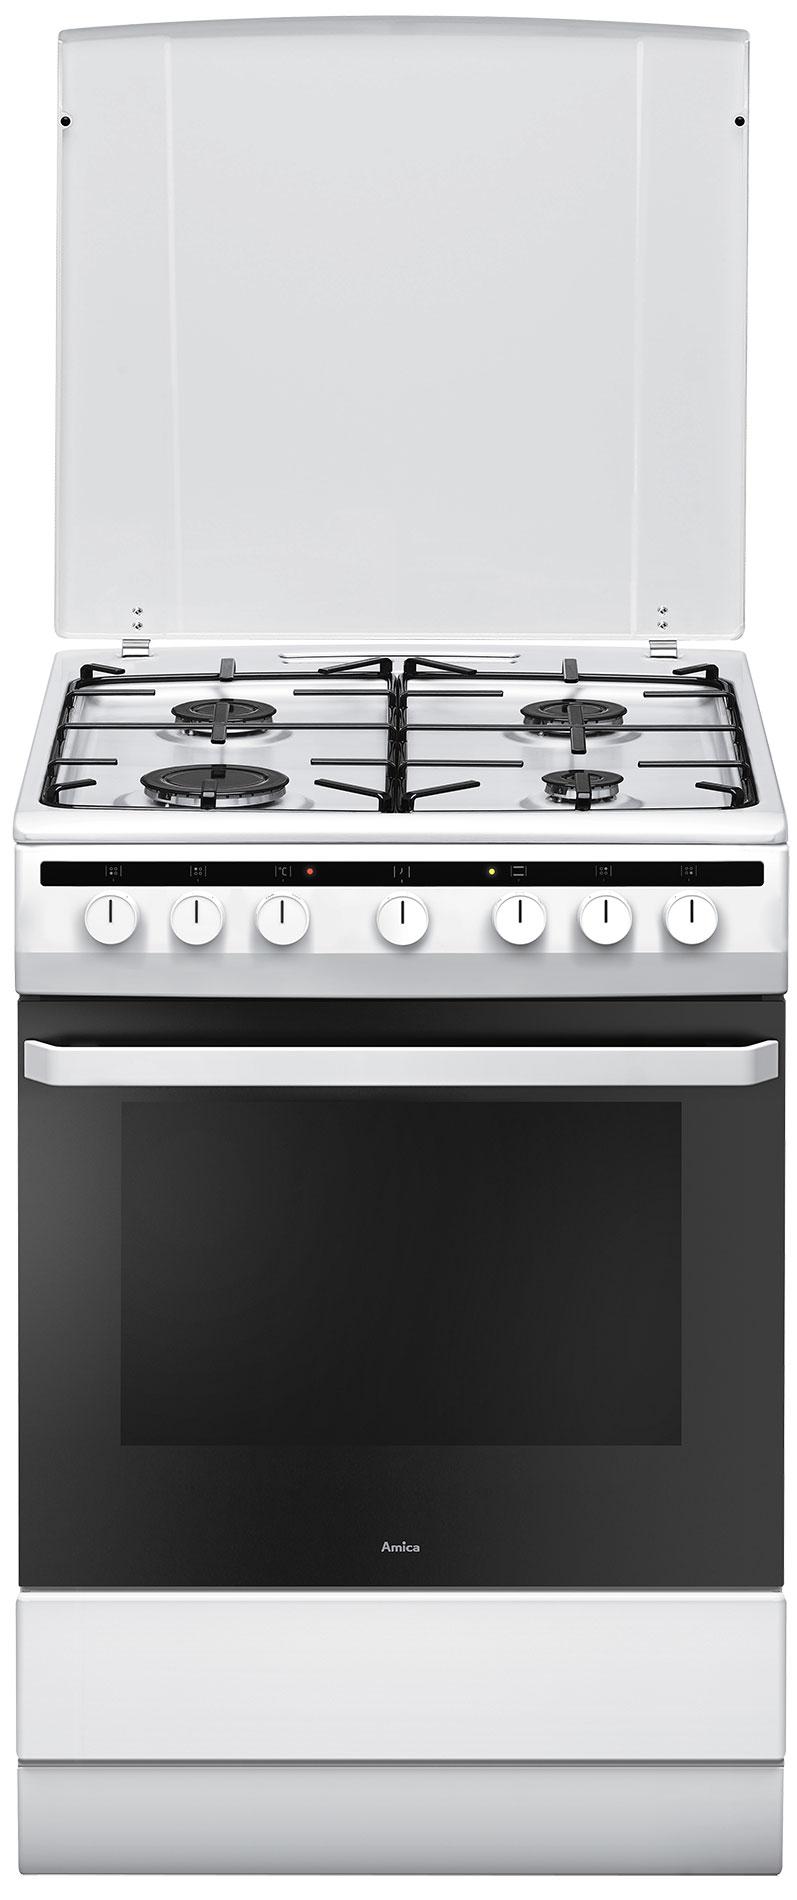 Kuchnia wolnostojąca gazowo elektryczna 618GES2 33HZpMs(W)  Amica -> Kuchnie Elektryczne Wolnostojące Indukcyjne